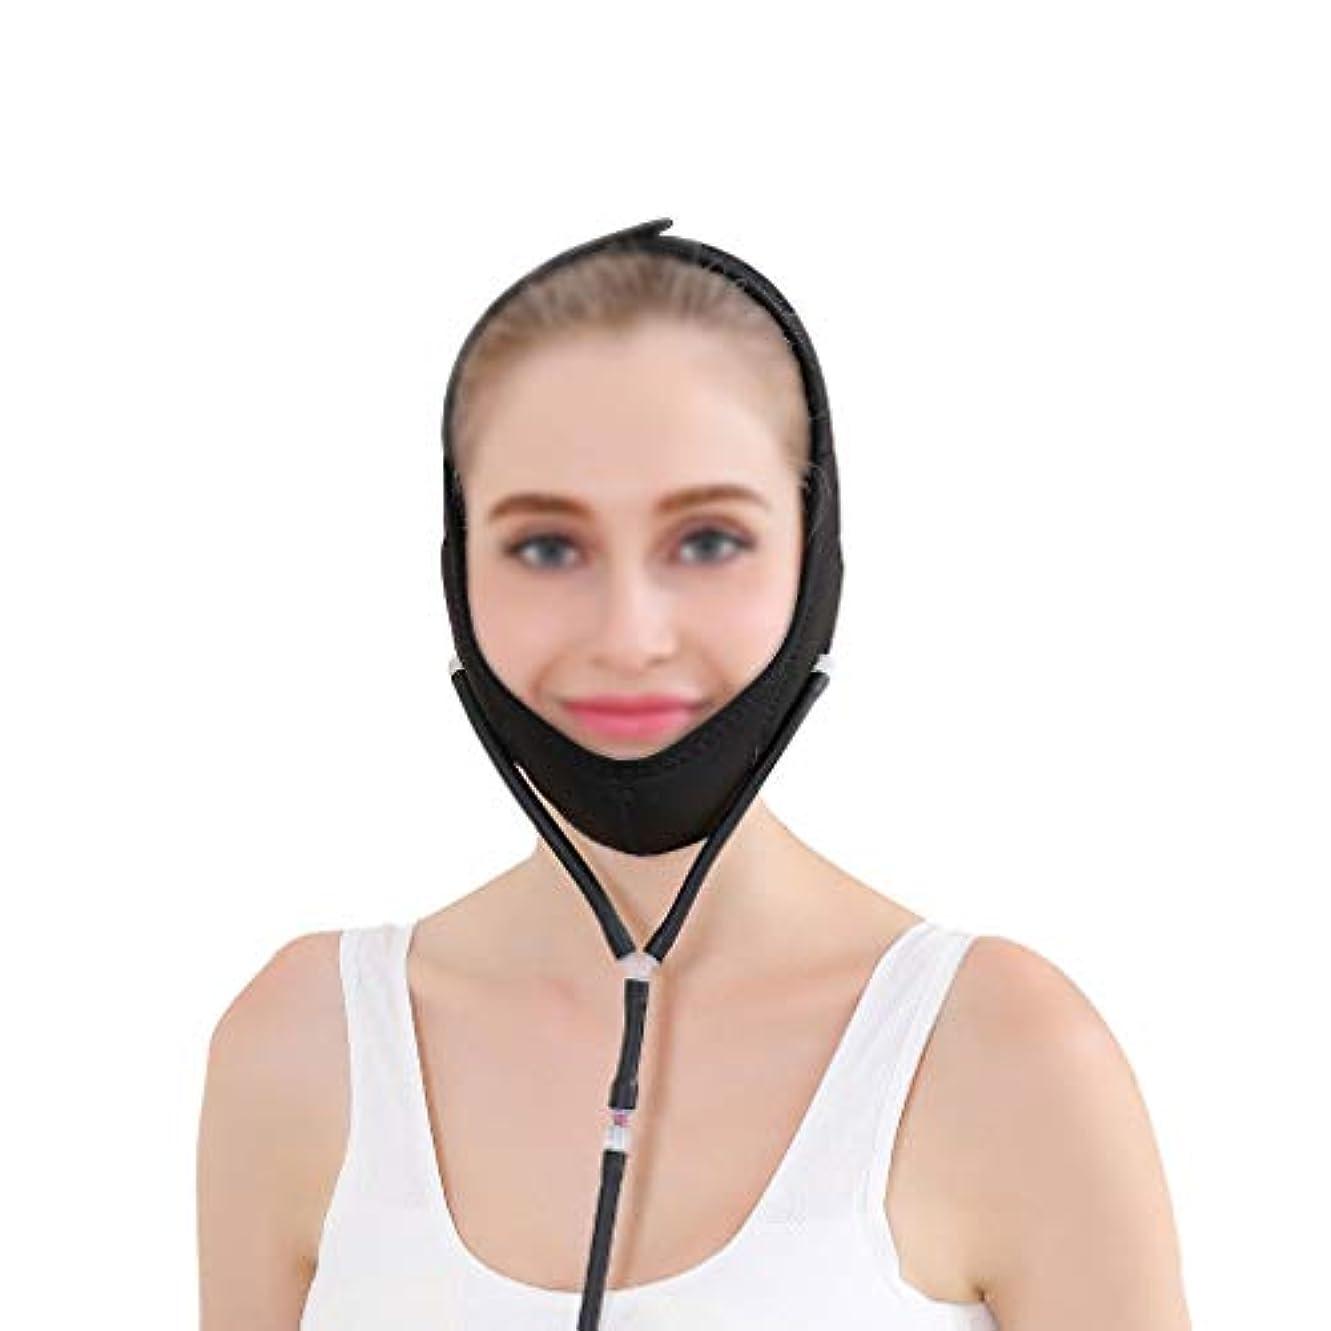 変成器将来の不適GLJJQMY 表面持ち上がる包帯の膨脹可能な圧力回復マスク持ち上がる張力包帯は二重あごを減らします 顔用整形マスク